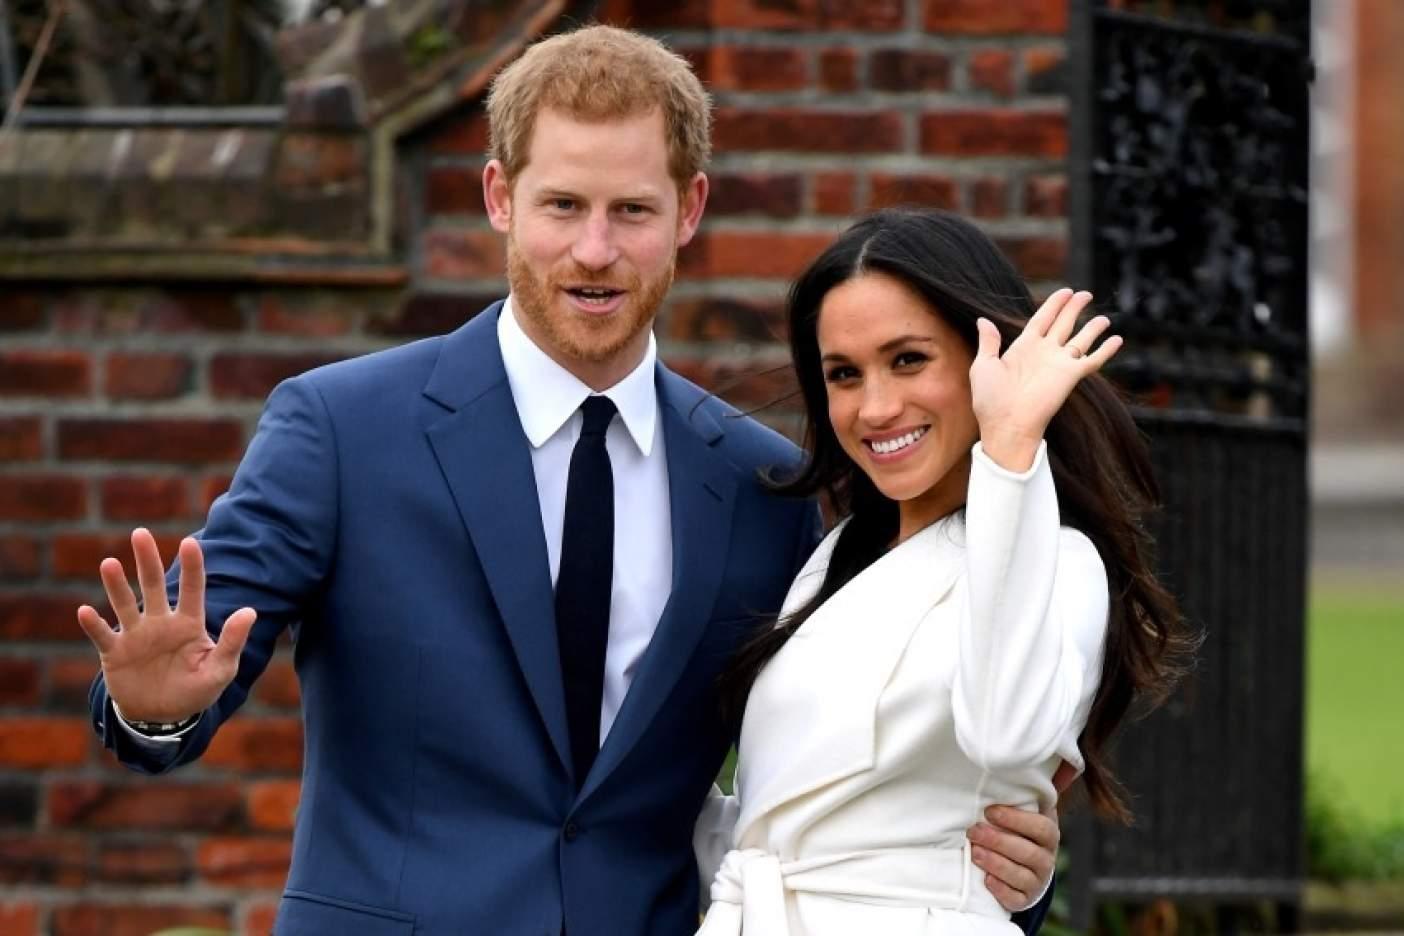 El príncipe Harry y Meghan Markle tendrán un pastel de boda orgánico